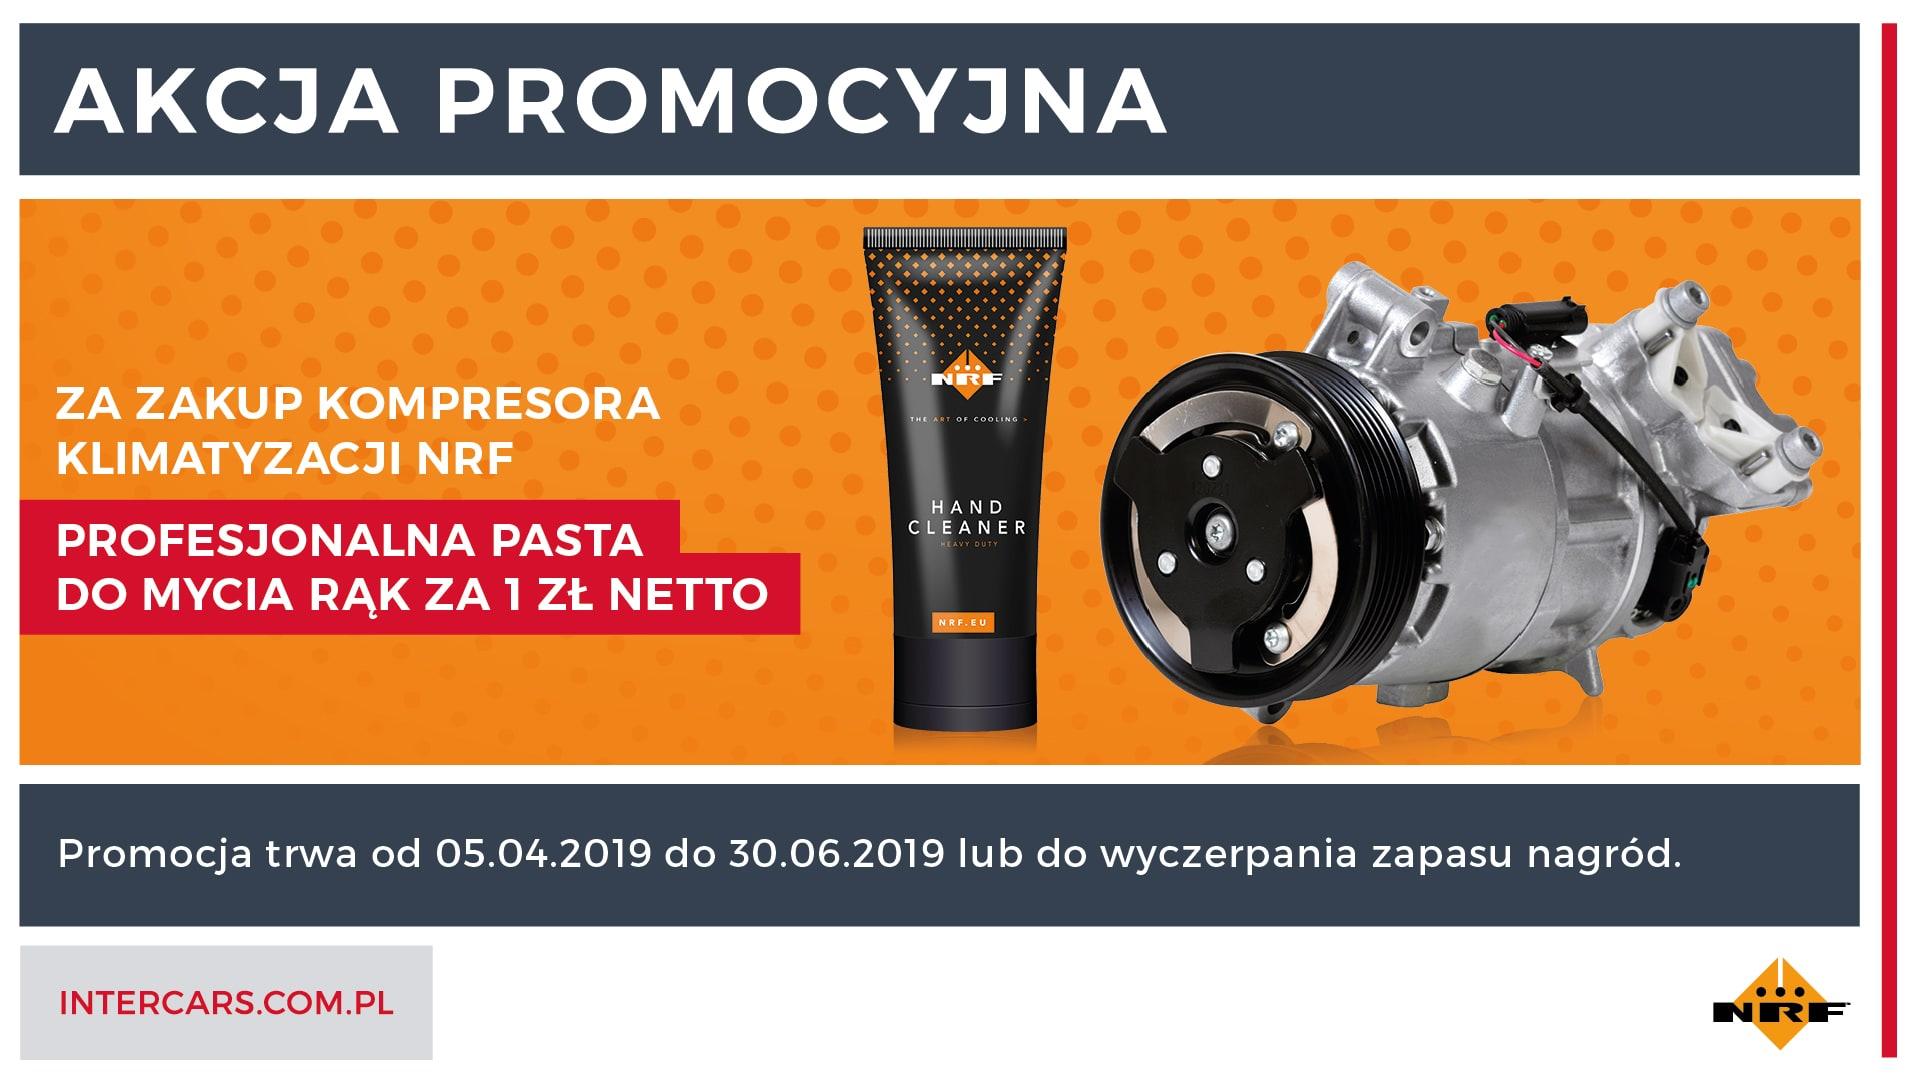 promocja_nrf_za_zakup_kompresora_pasta_do_mycia_rak_za_1zl_1920x1080_newsletter-min.jpg